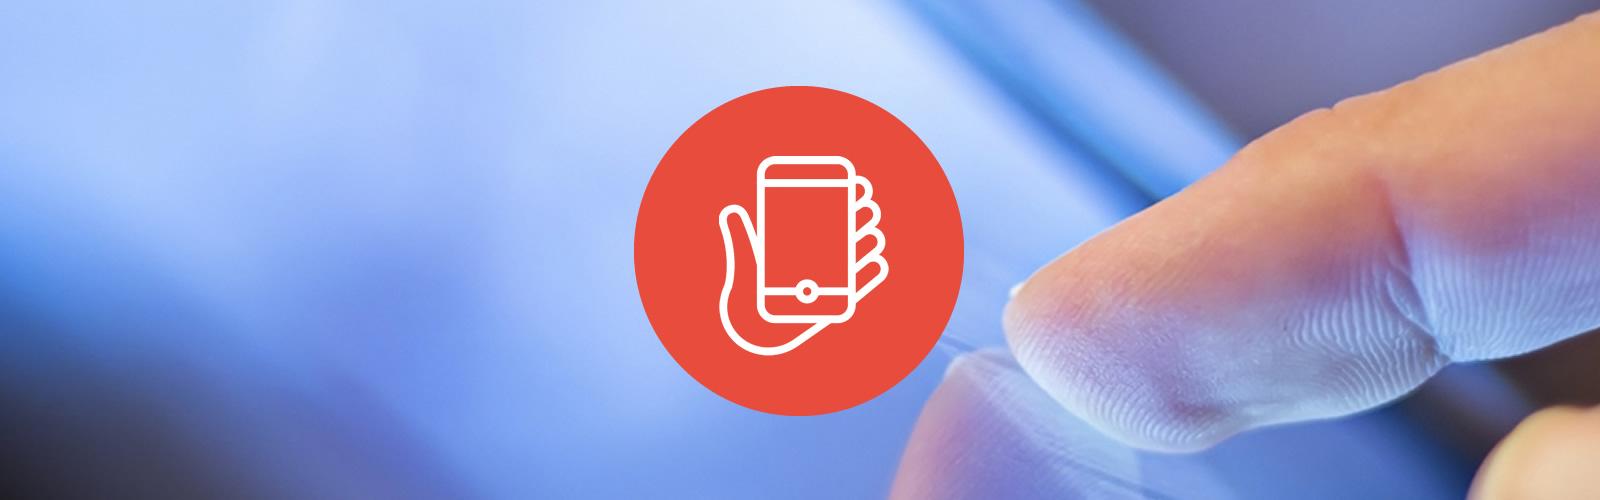 Oportunidades para desenvolvimento de aplicativos mobile